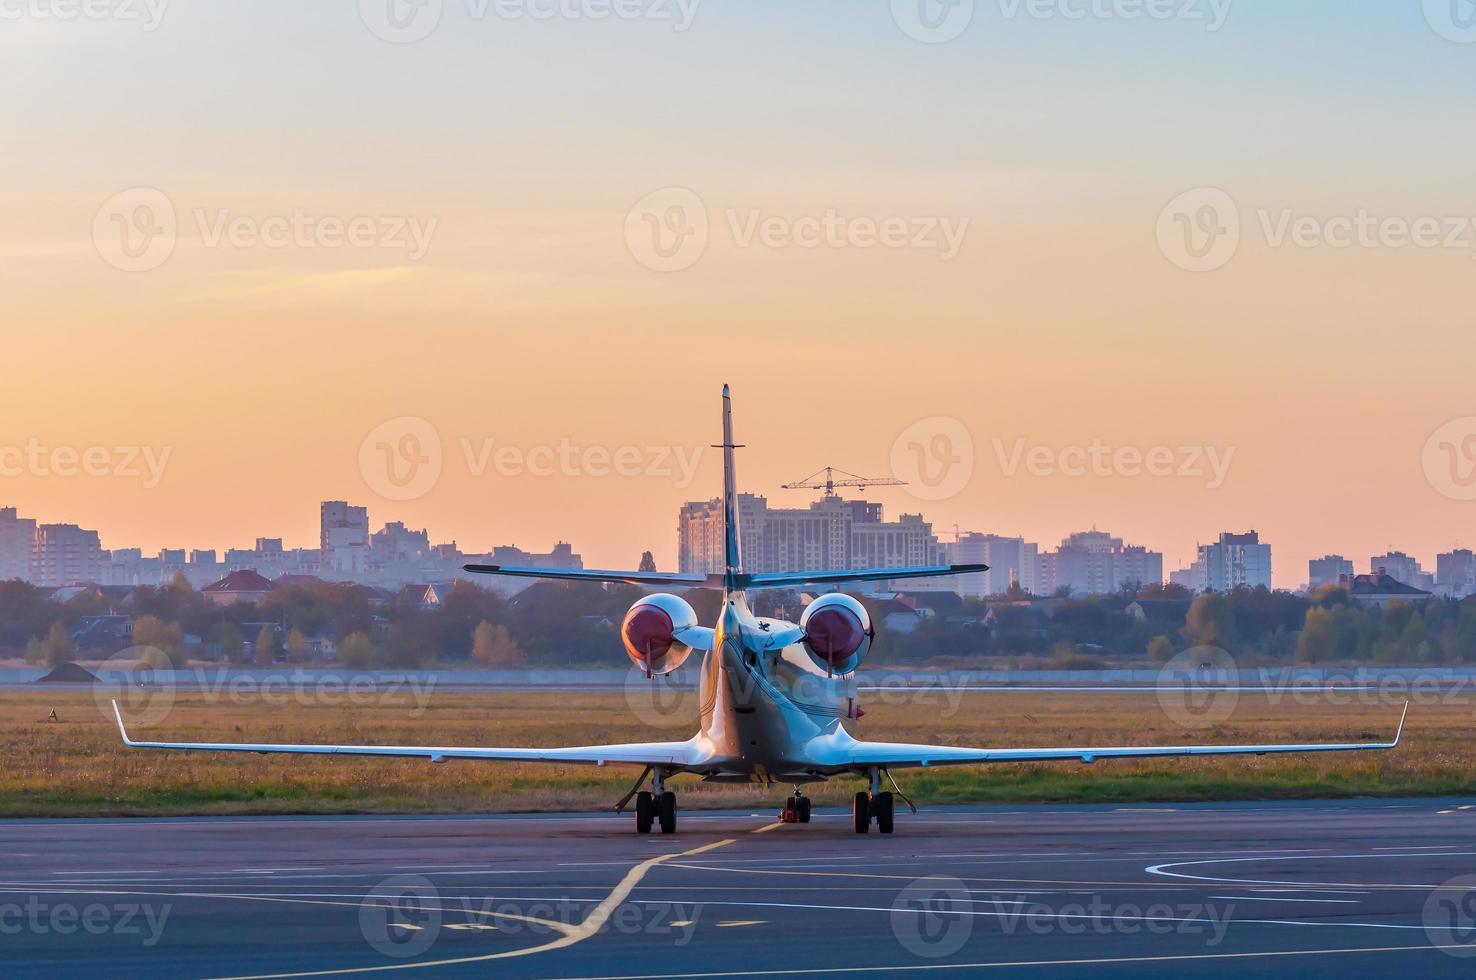 business jet op het platform voor vliegtuigen. het vliegtuig tegen foto